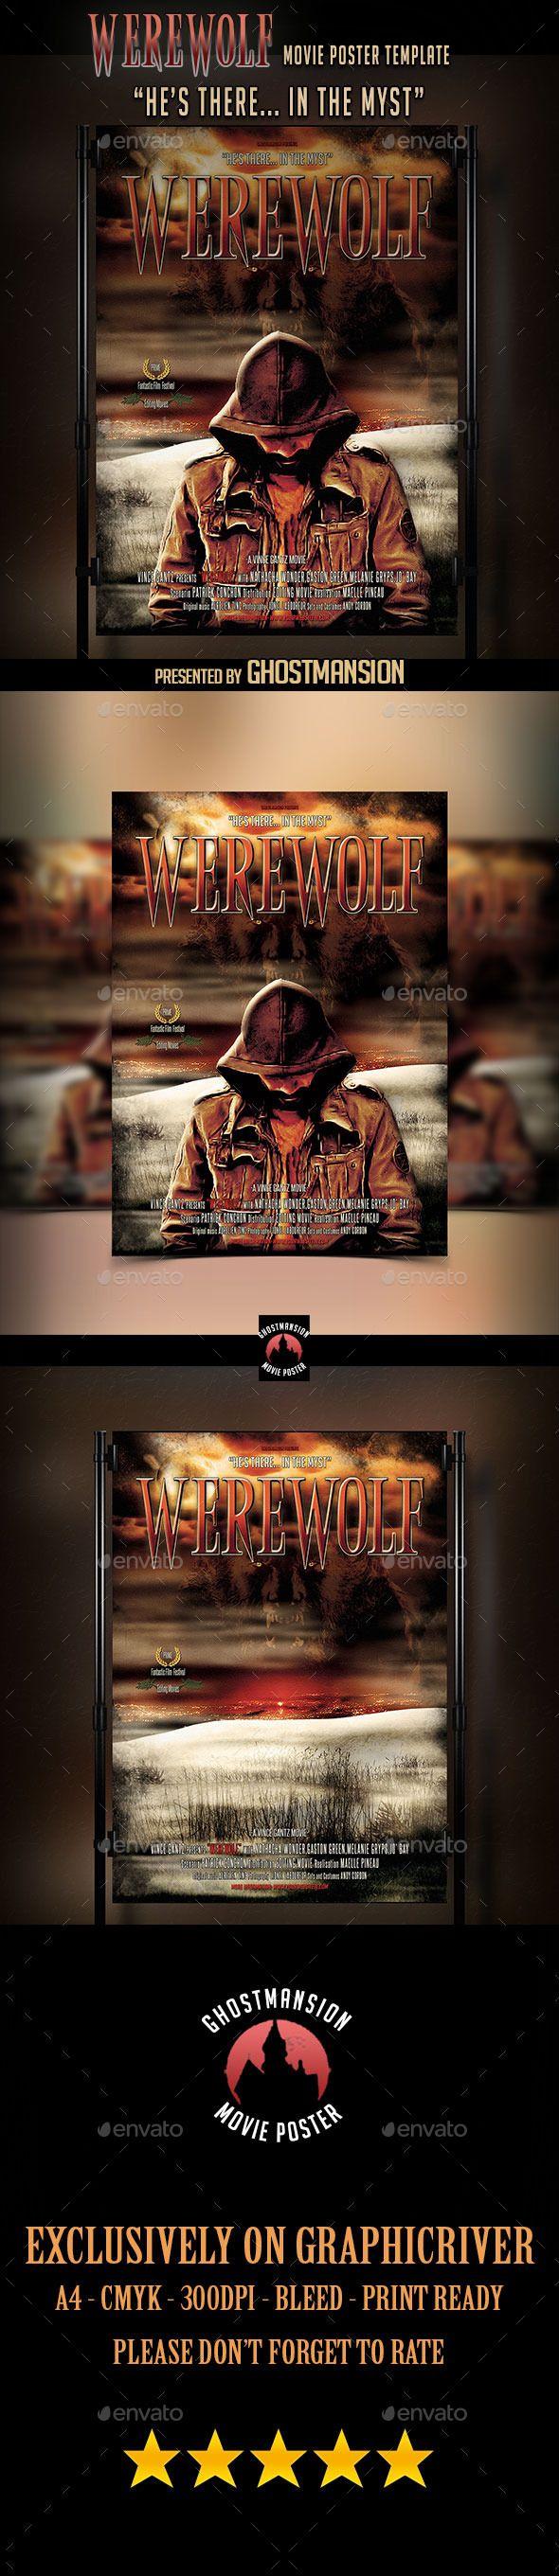 """""""Werewolf"""" Movie Poster Template"""